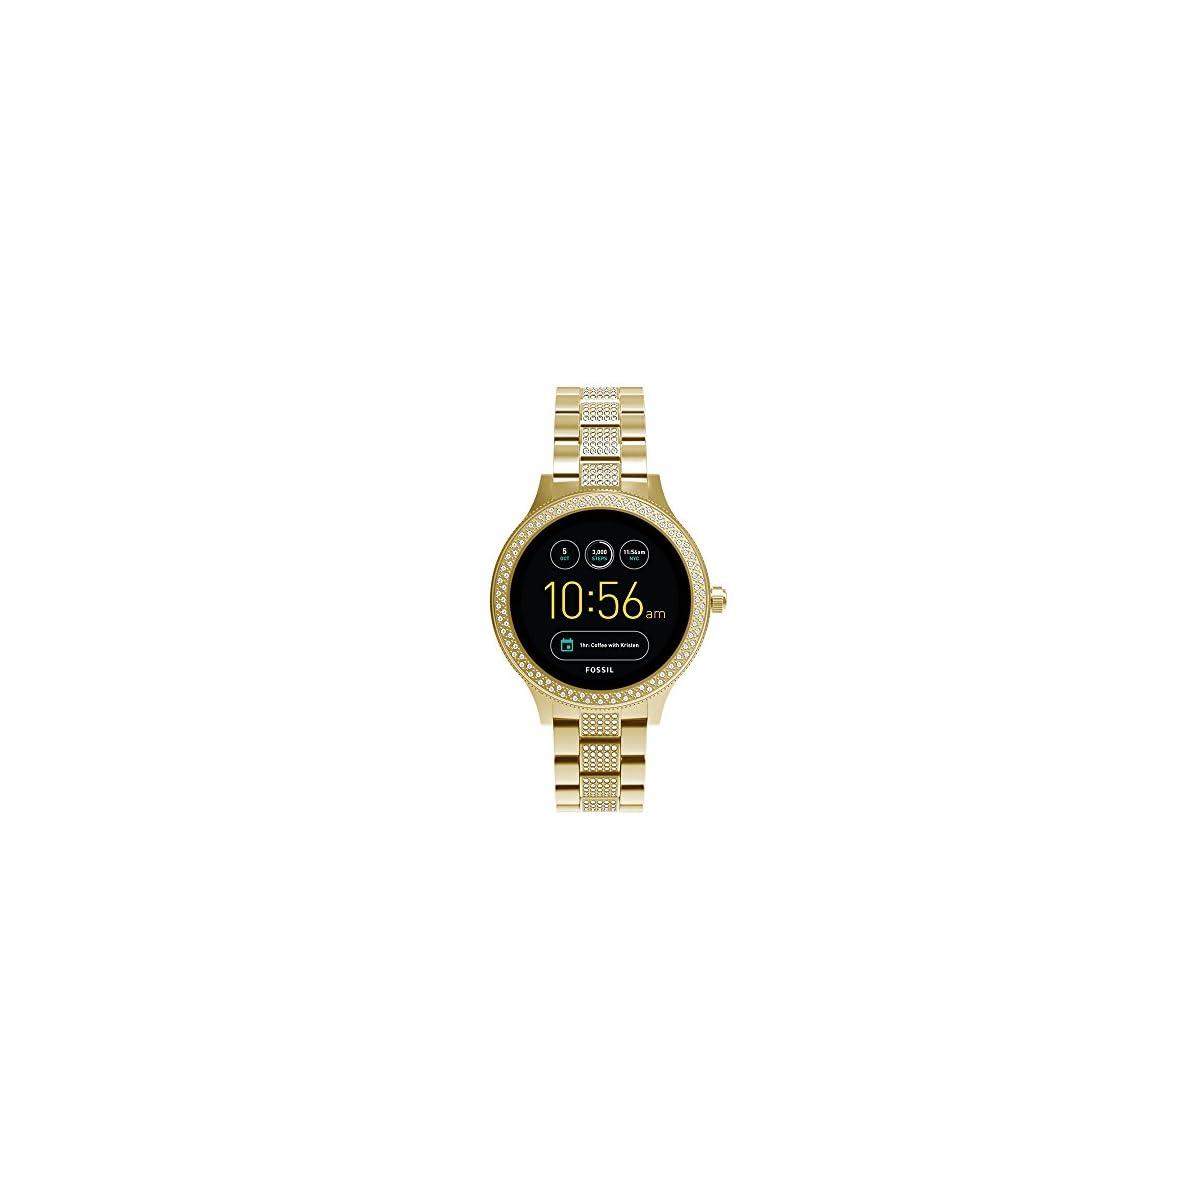 41XvnqRfcpL. SS1200  - Fossil Smartwatch Mujer de Digital con Correa en Acero Inoxidable FTW6001